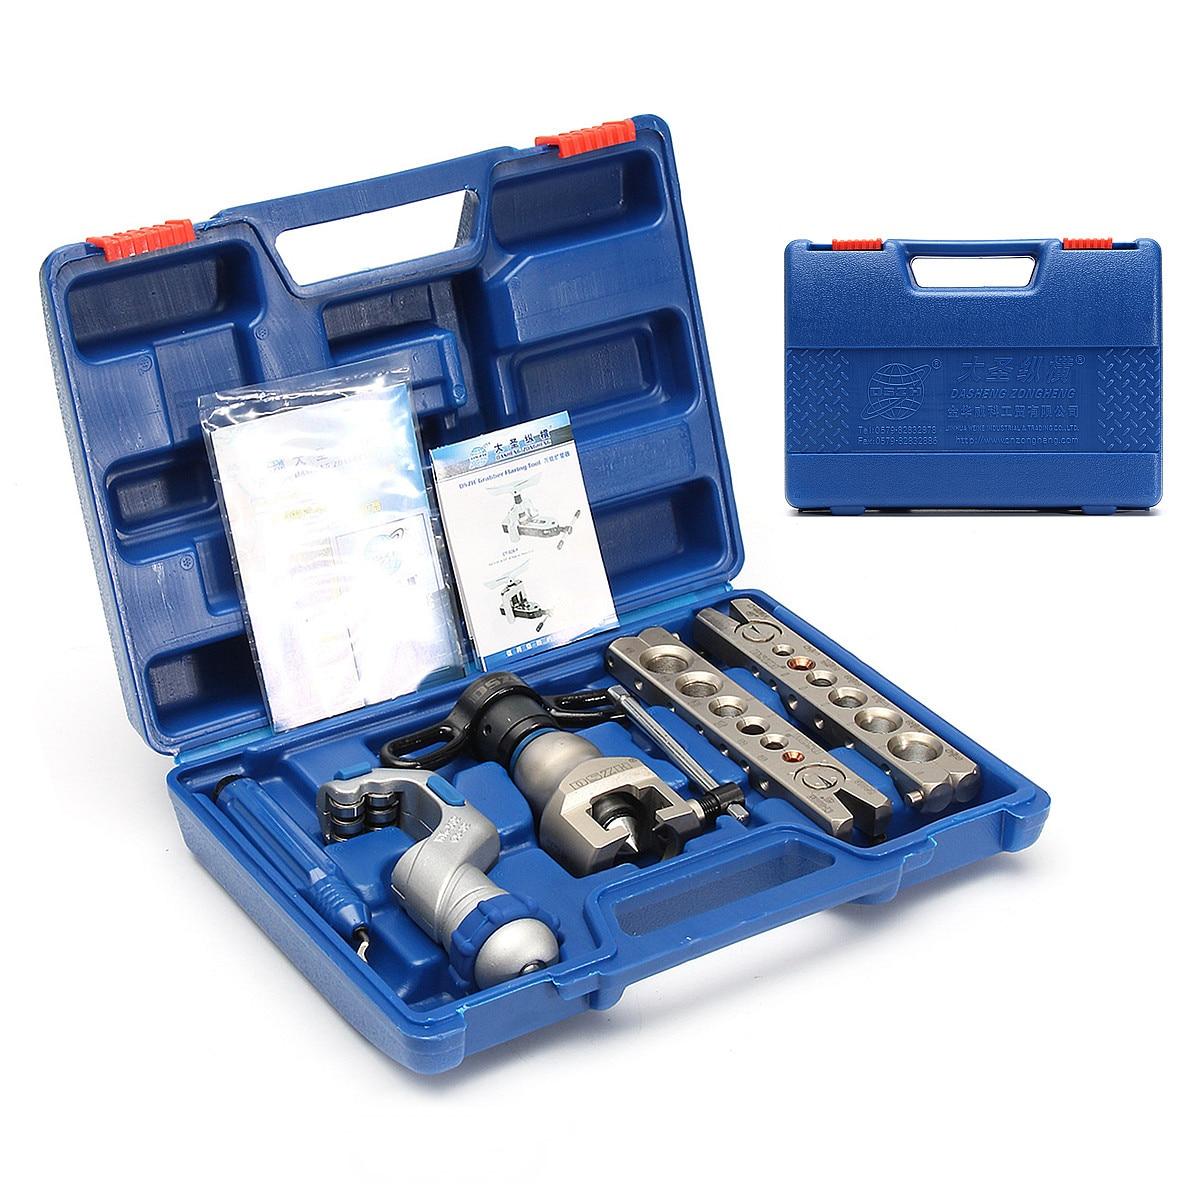 6-19mm di Alluminio di Rame + Metallo Ratchet Flaring Flare Tool Kit di Refrigerazione Eccentrico Cono + Taglierina di Tubo in Acciaio Inox doppio Anello Bar